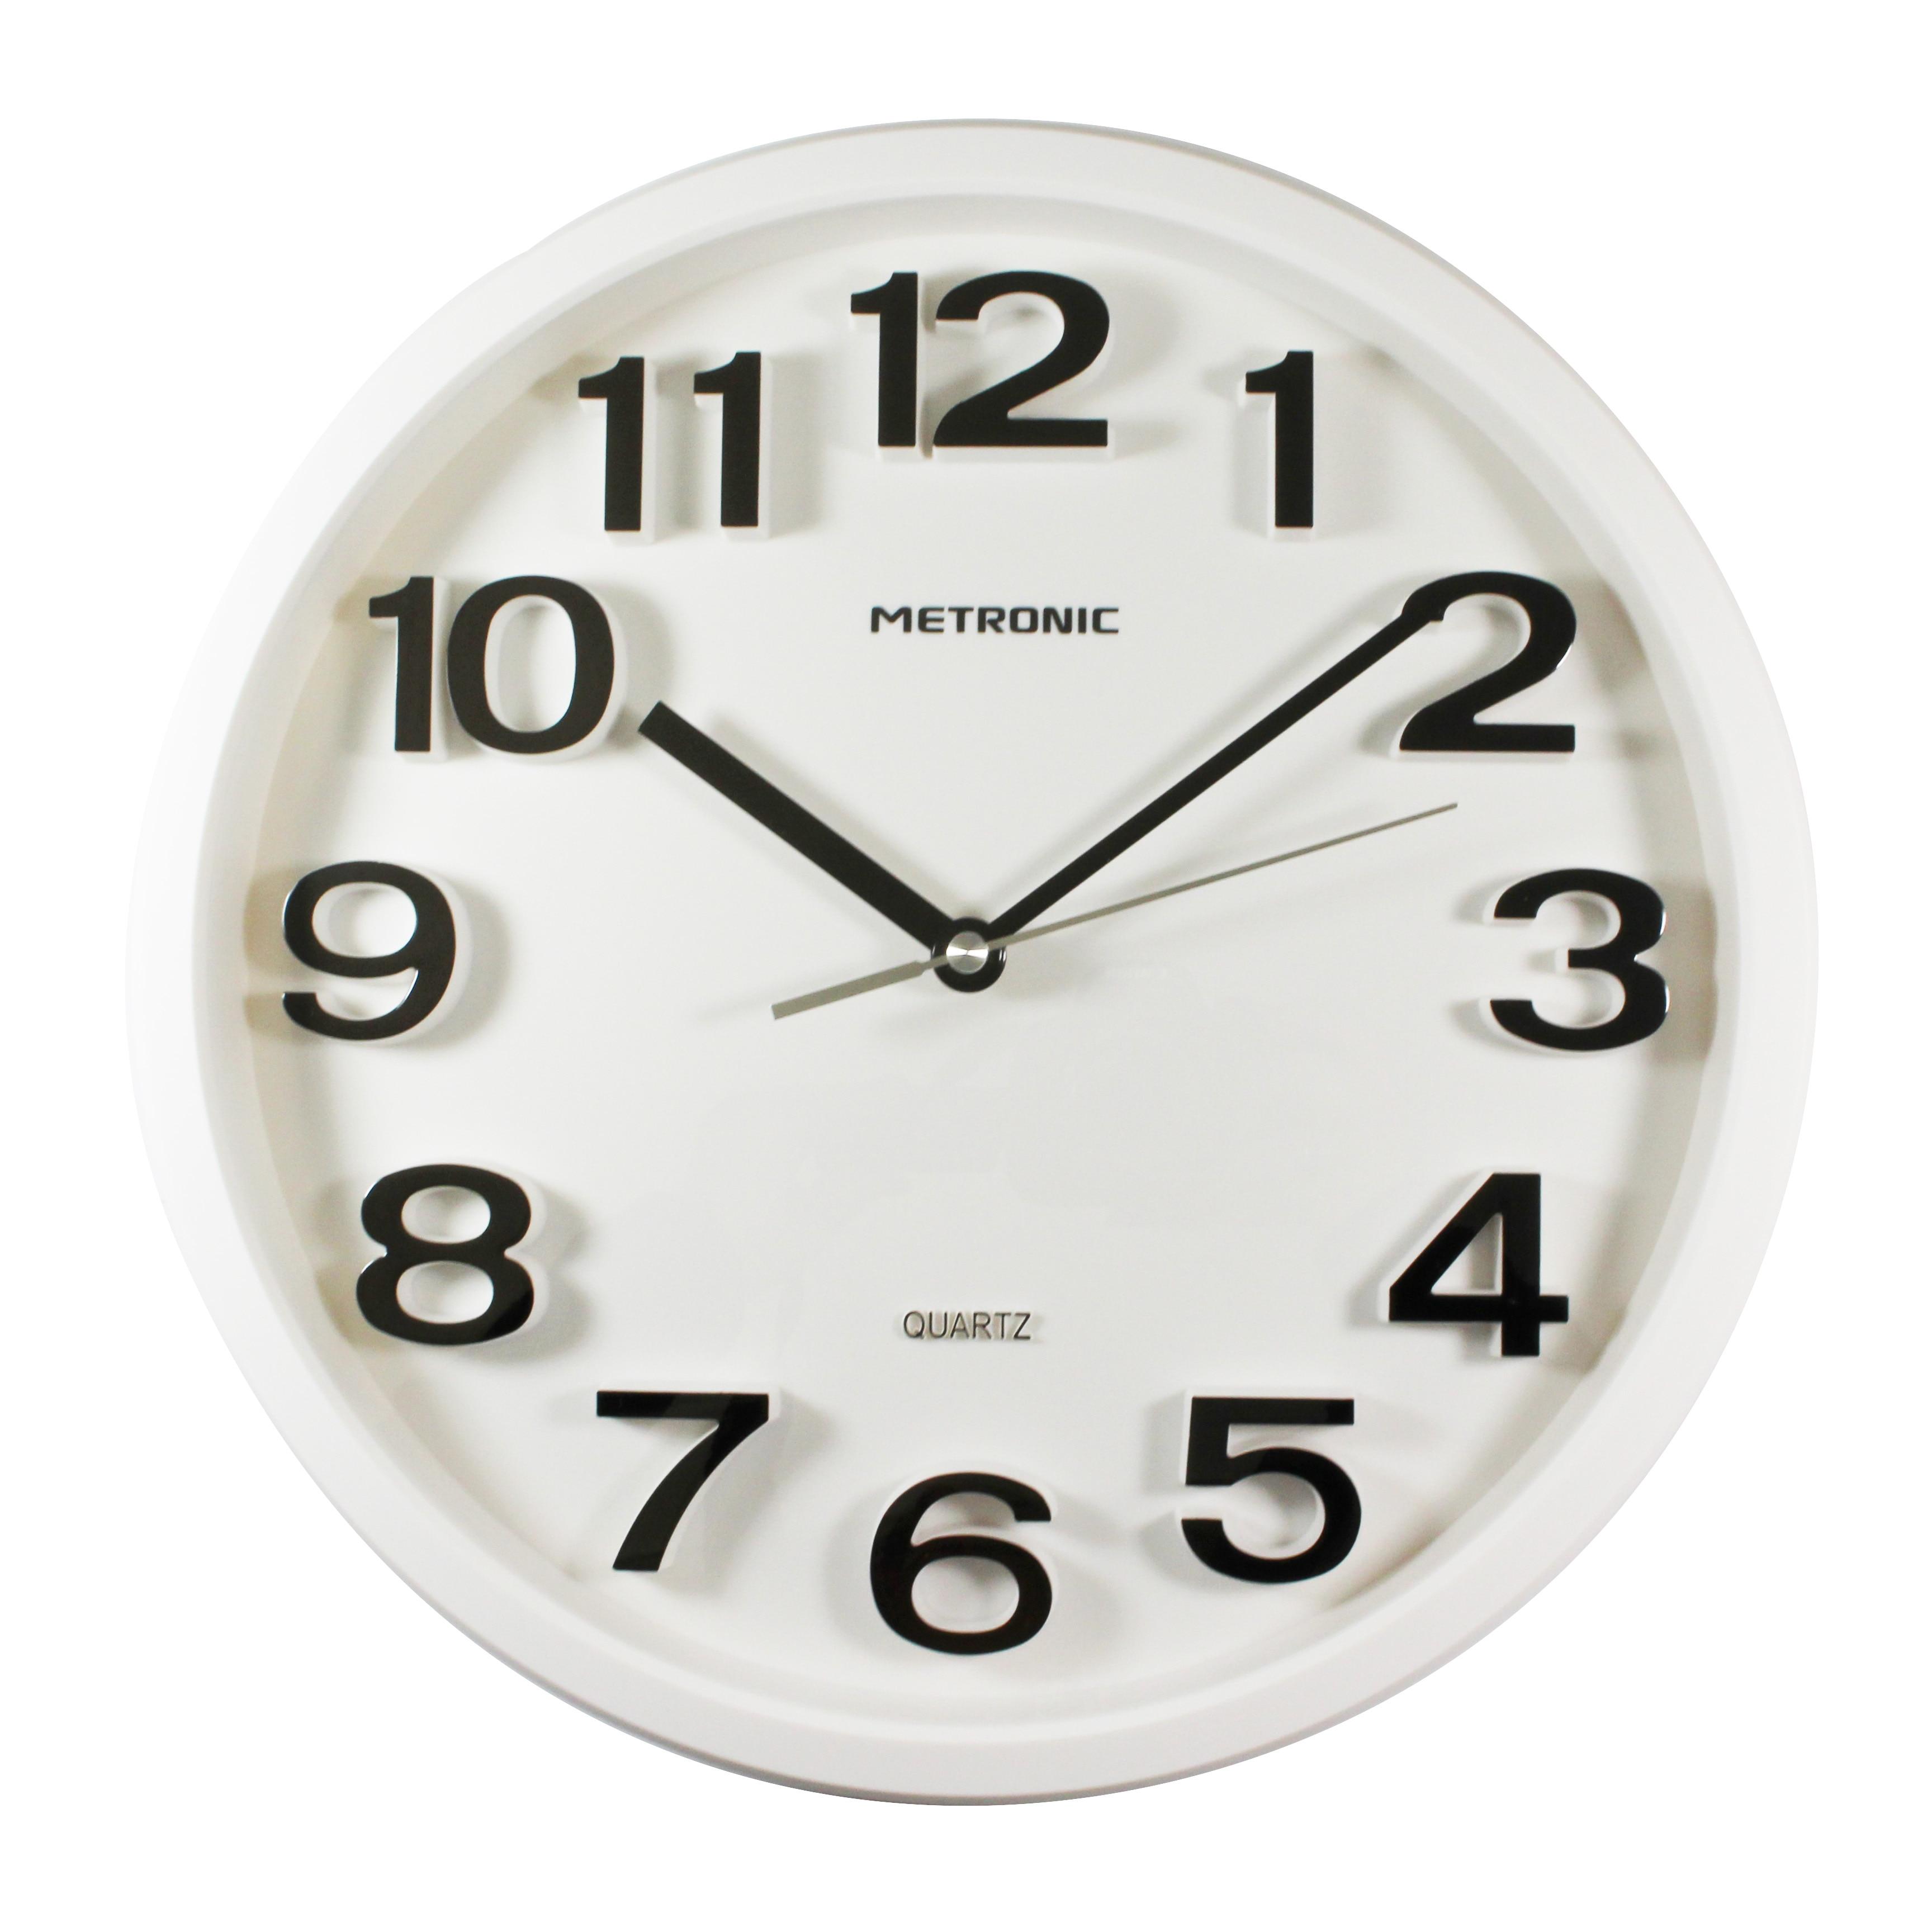 Metronic 477322 - Reloj De Pared, Movimiento De Cuarzo, Diametro 330mm, Grosor 55mm, Blanco